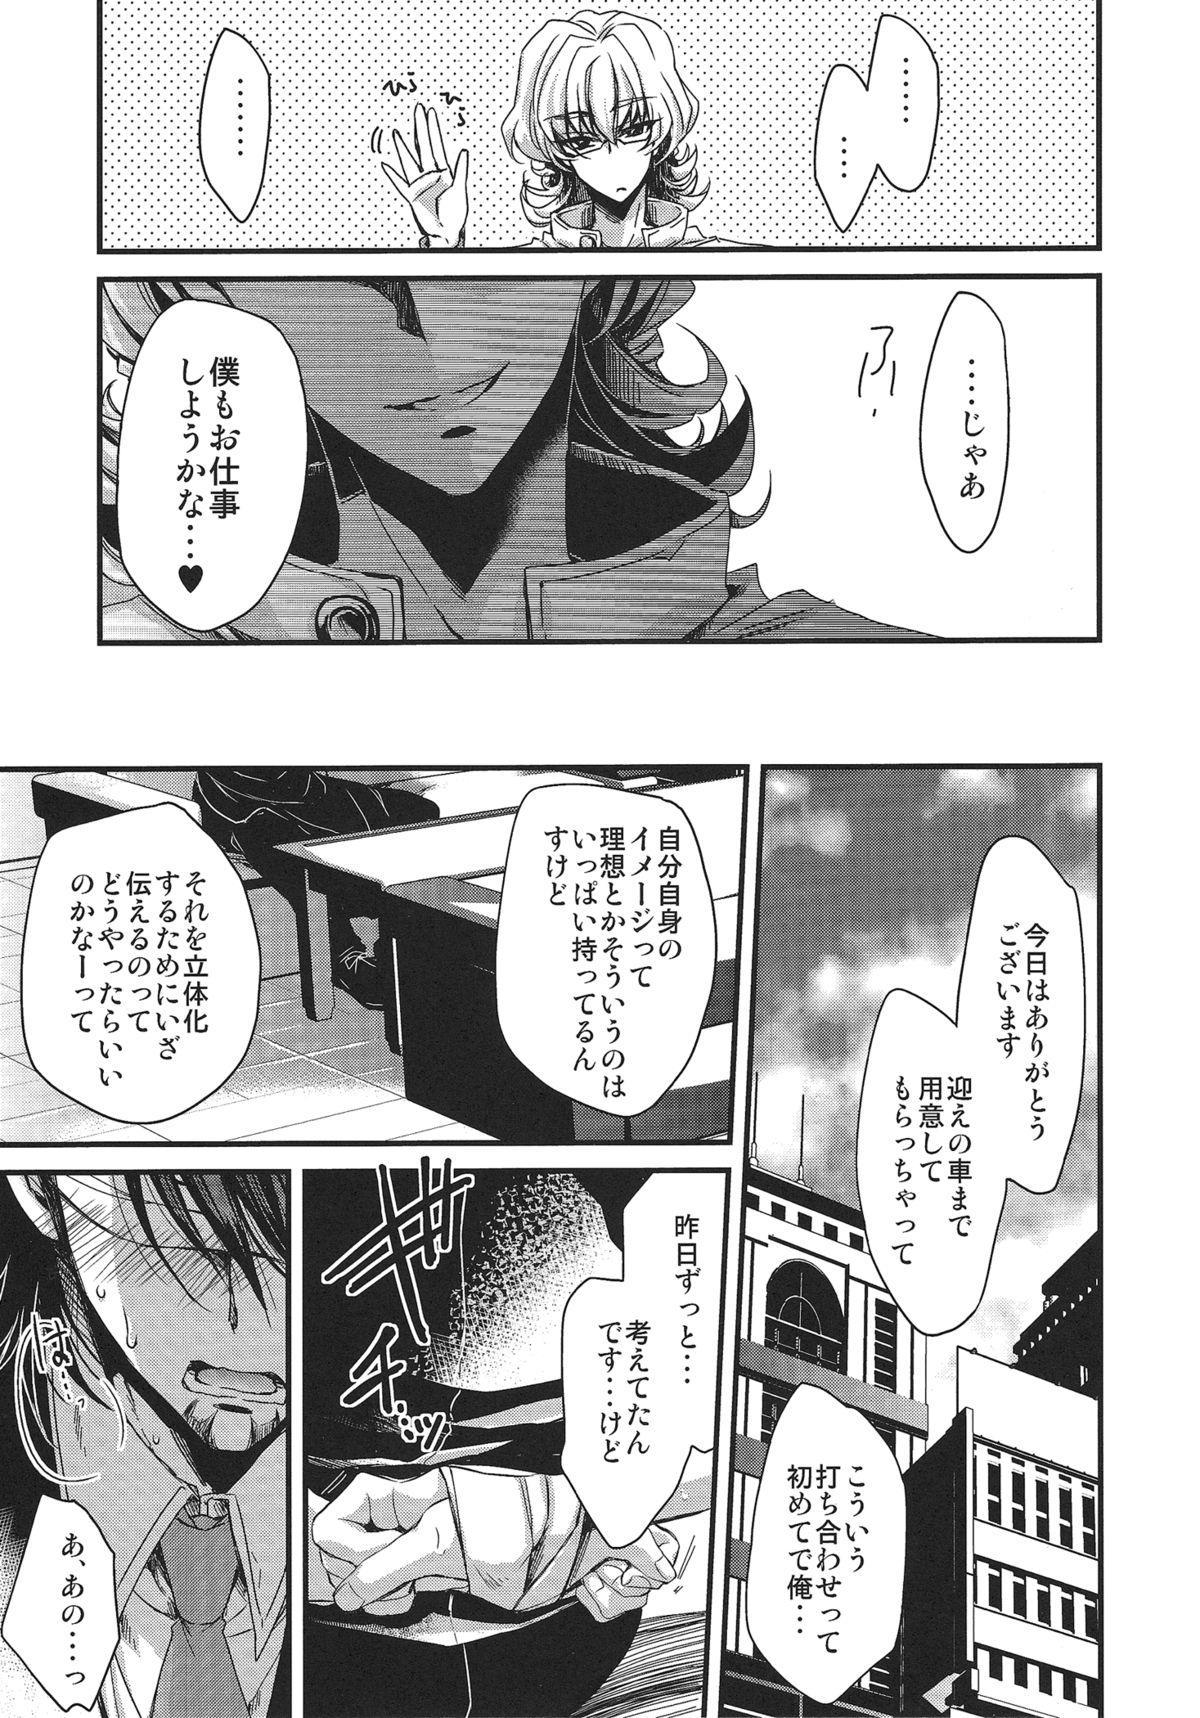 Boku to Kotetsu-san no Kote Shoku! 6